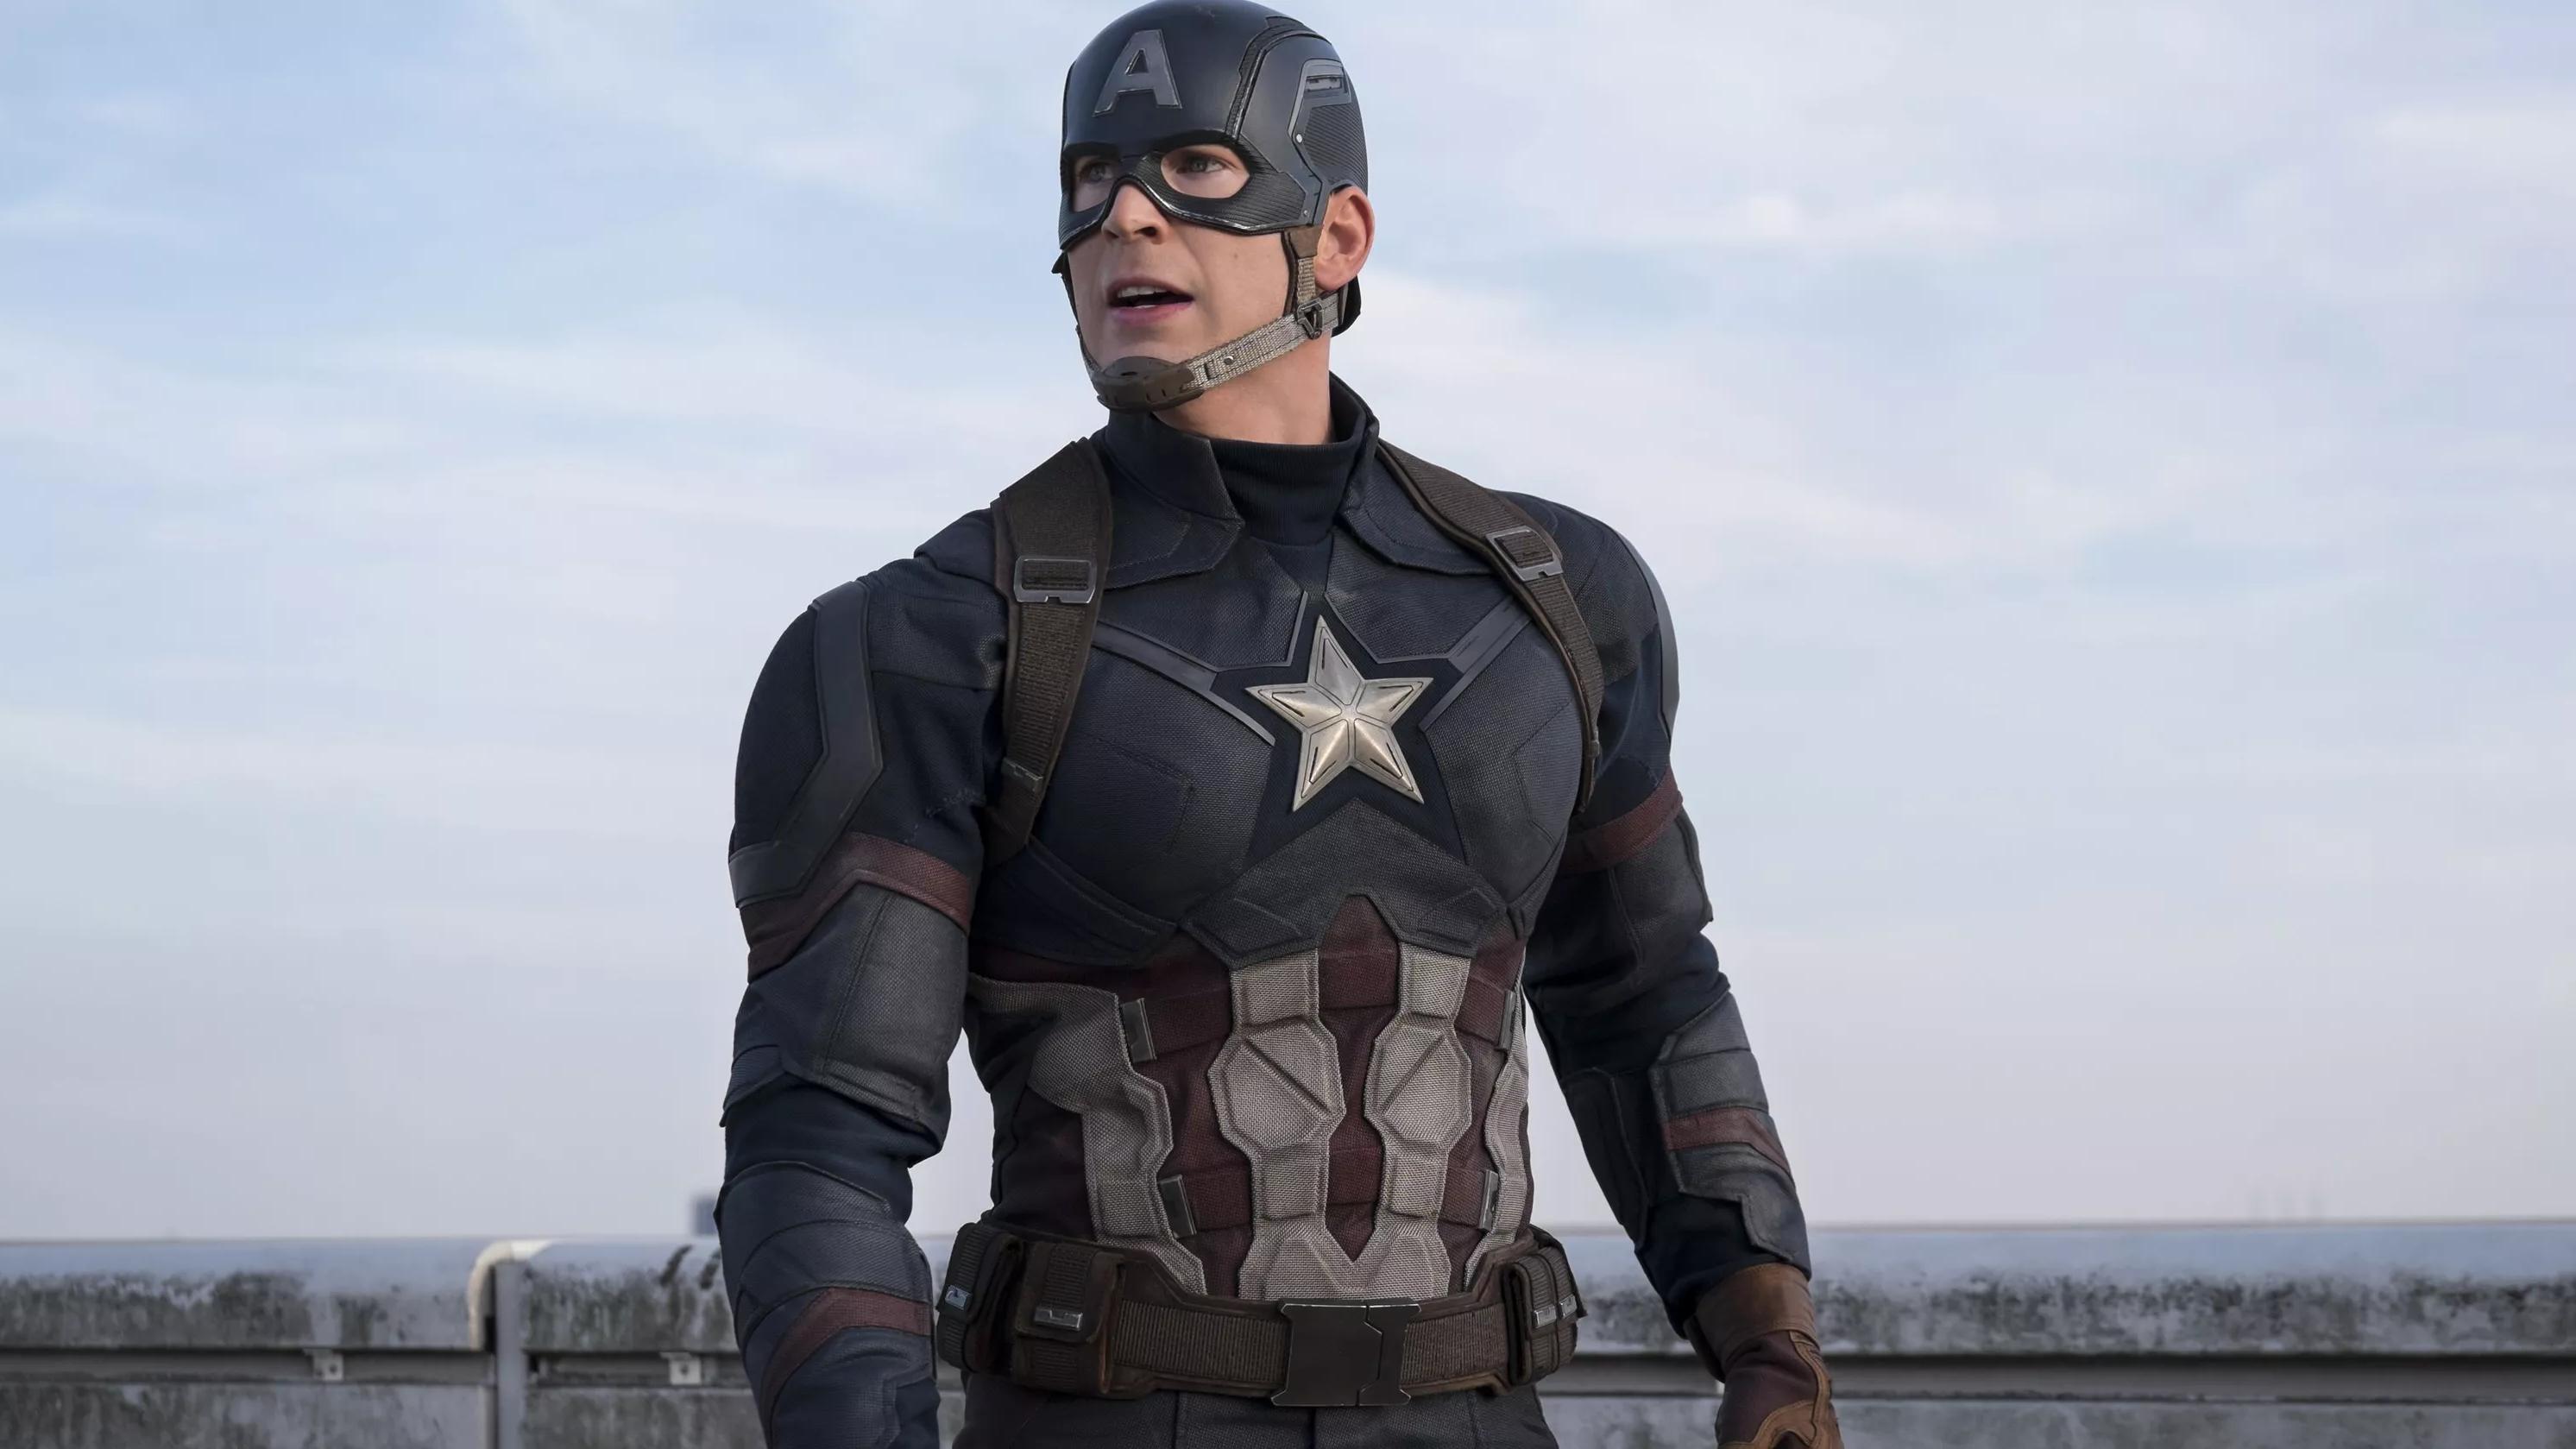 avengers-4 avengers-infinity-war captain-america chris-evans io9 marvel marvel-studios